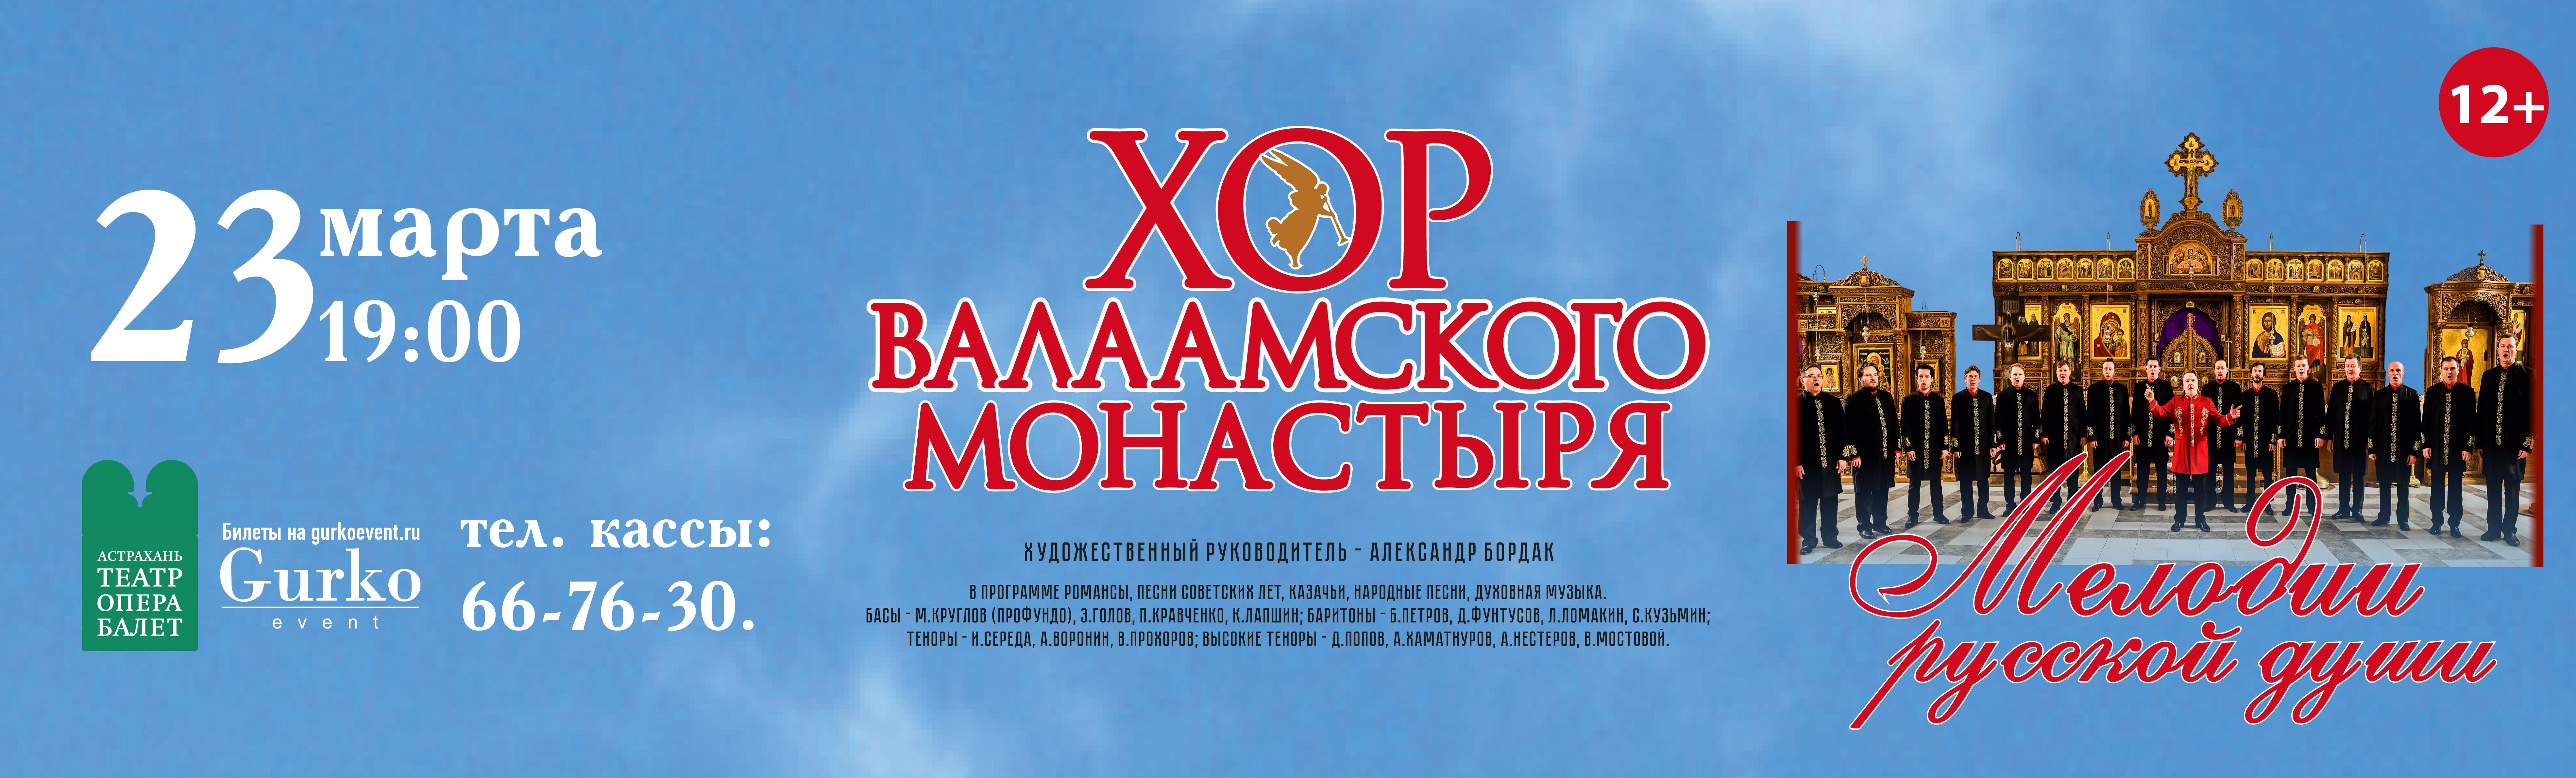 """Хор Валаамского монастыря """"Мелодия русской души"""""""